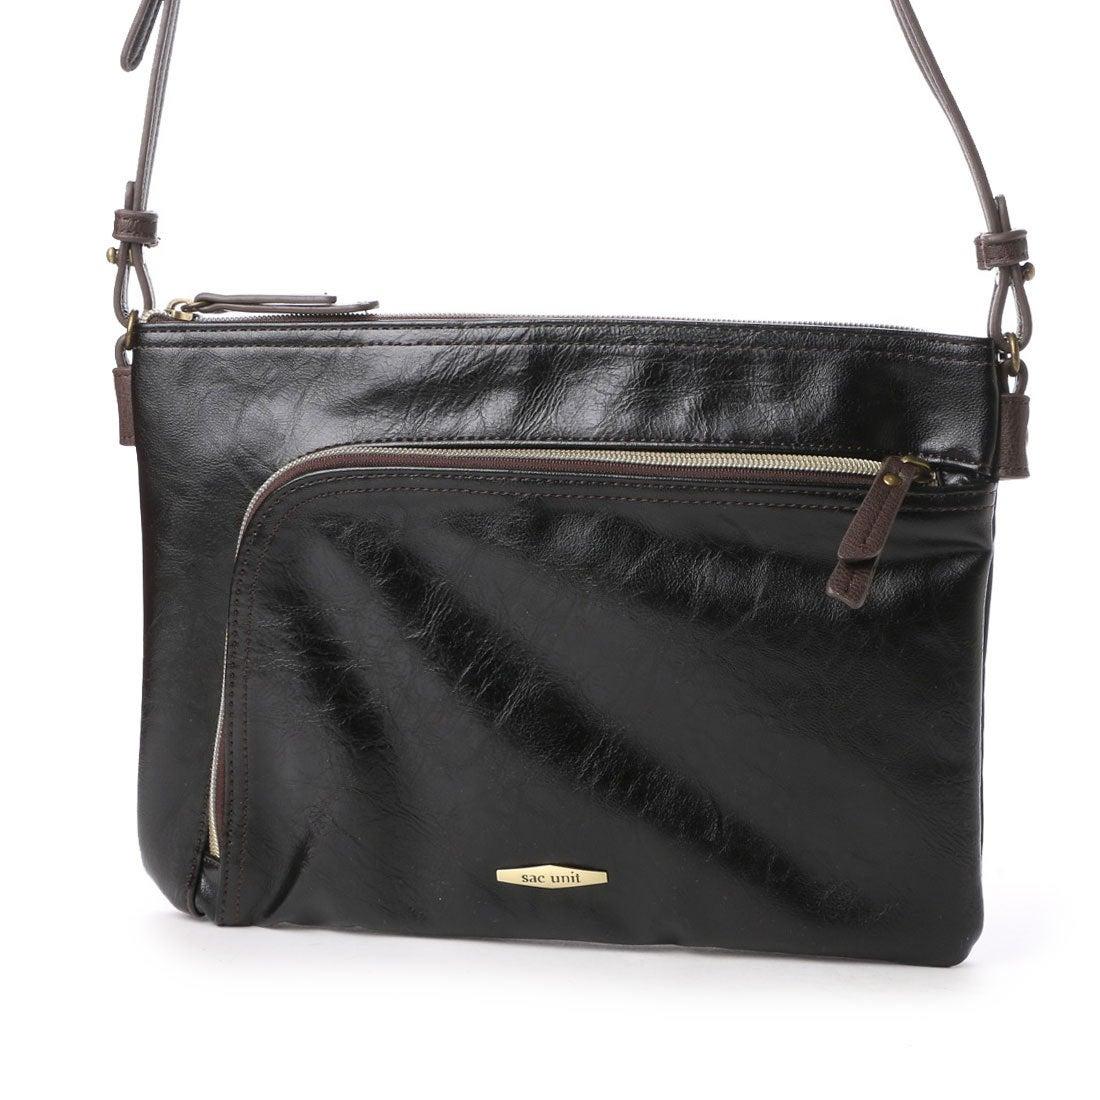 ロコンド 靴とファッションの通販サイトサックSACセプレ(ブラック)